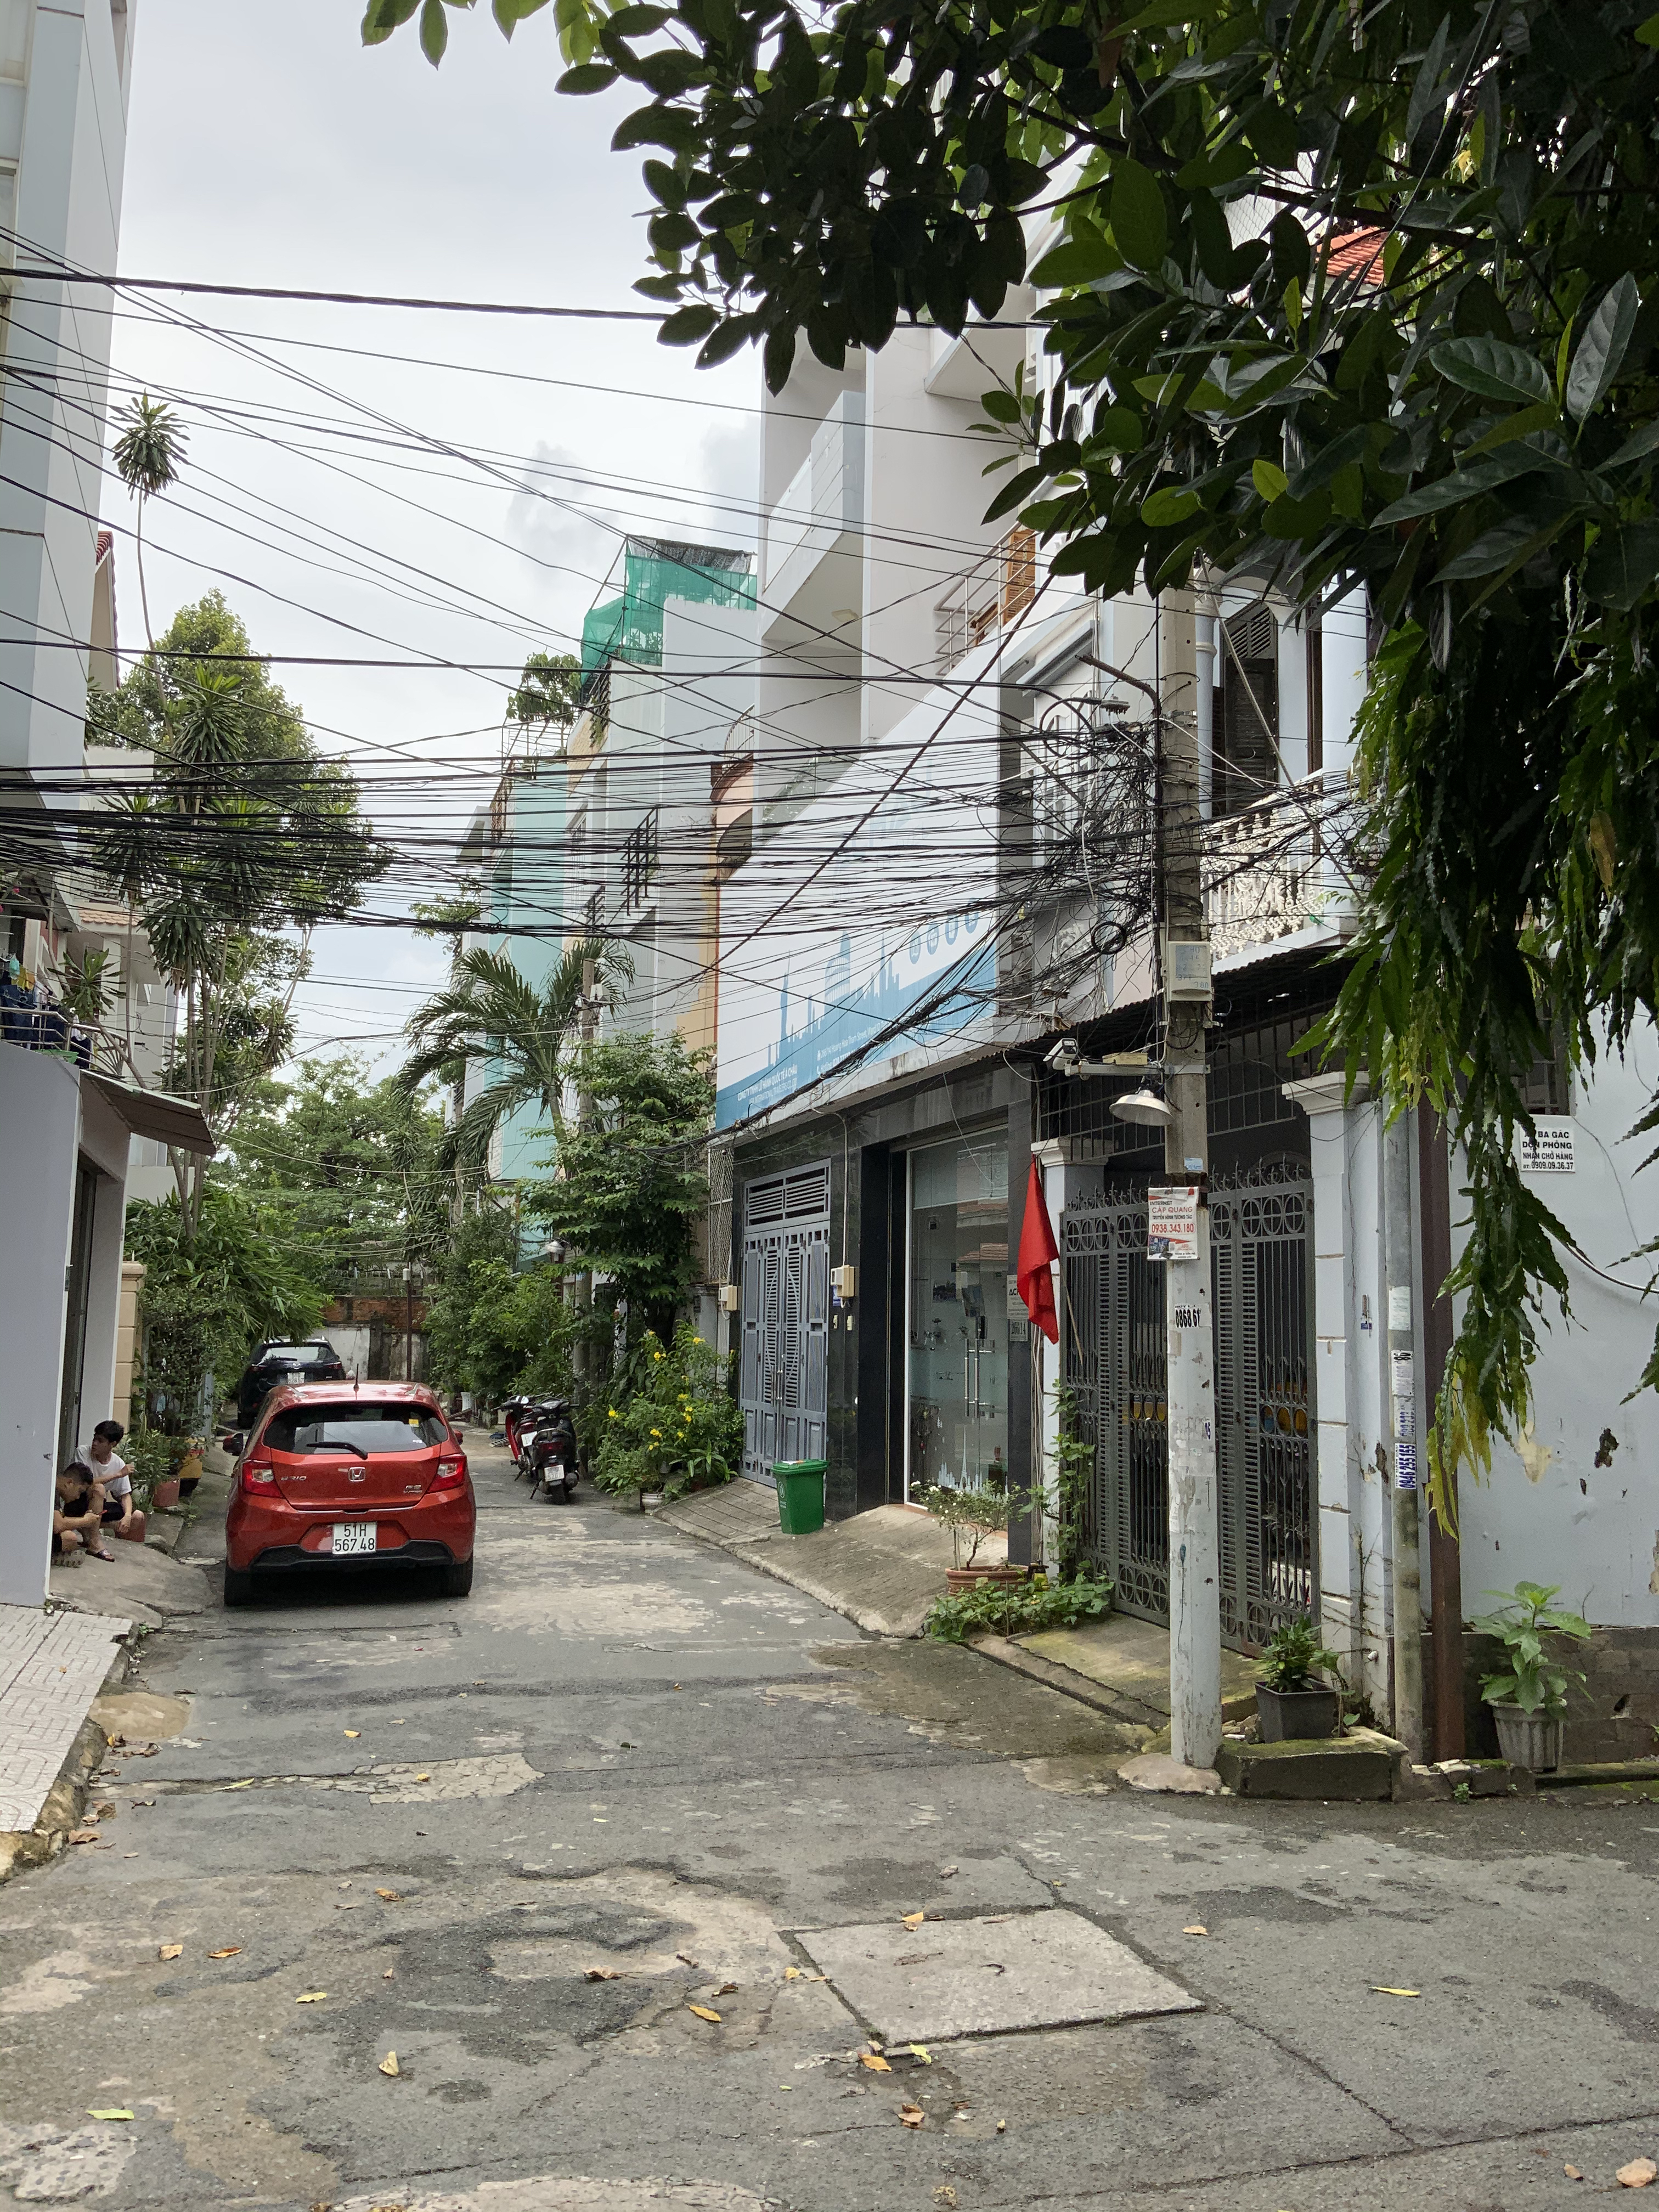 Cho Thuê Nhà Hẻm Xe Hơi Đường Hoàng Hoa Thám Quận Tân Bình -0